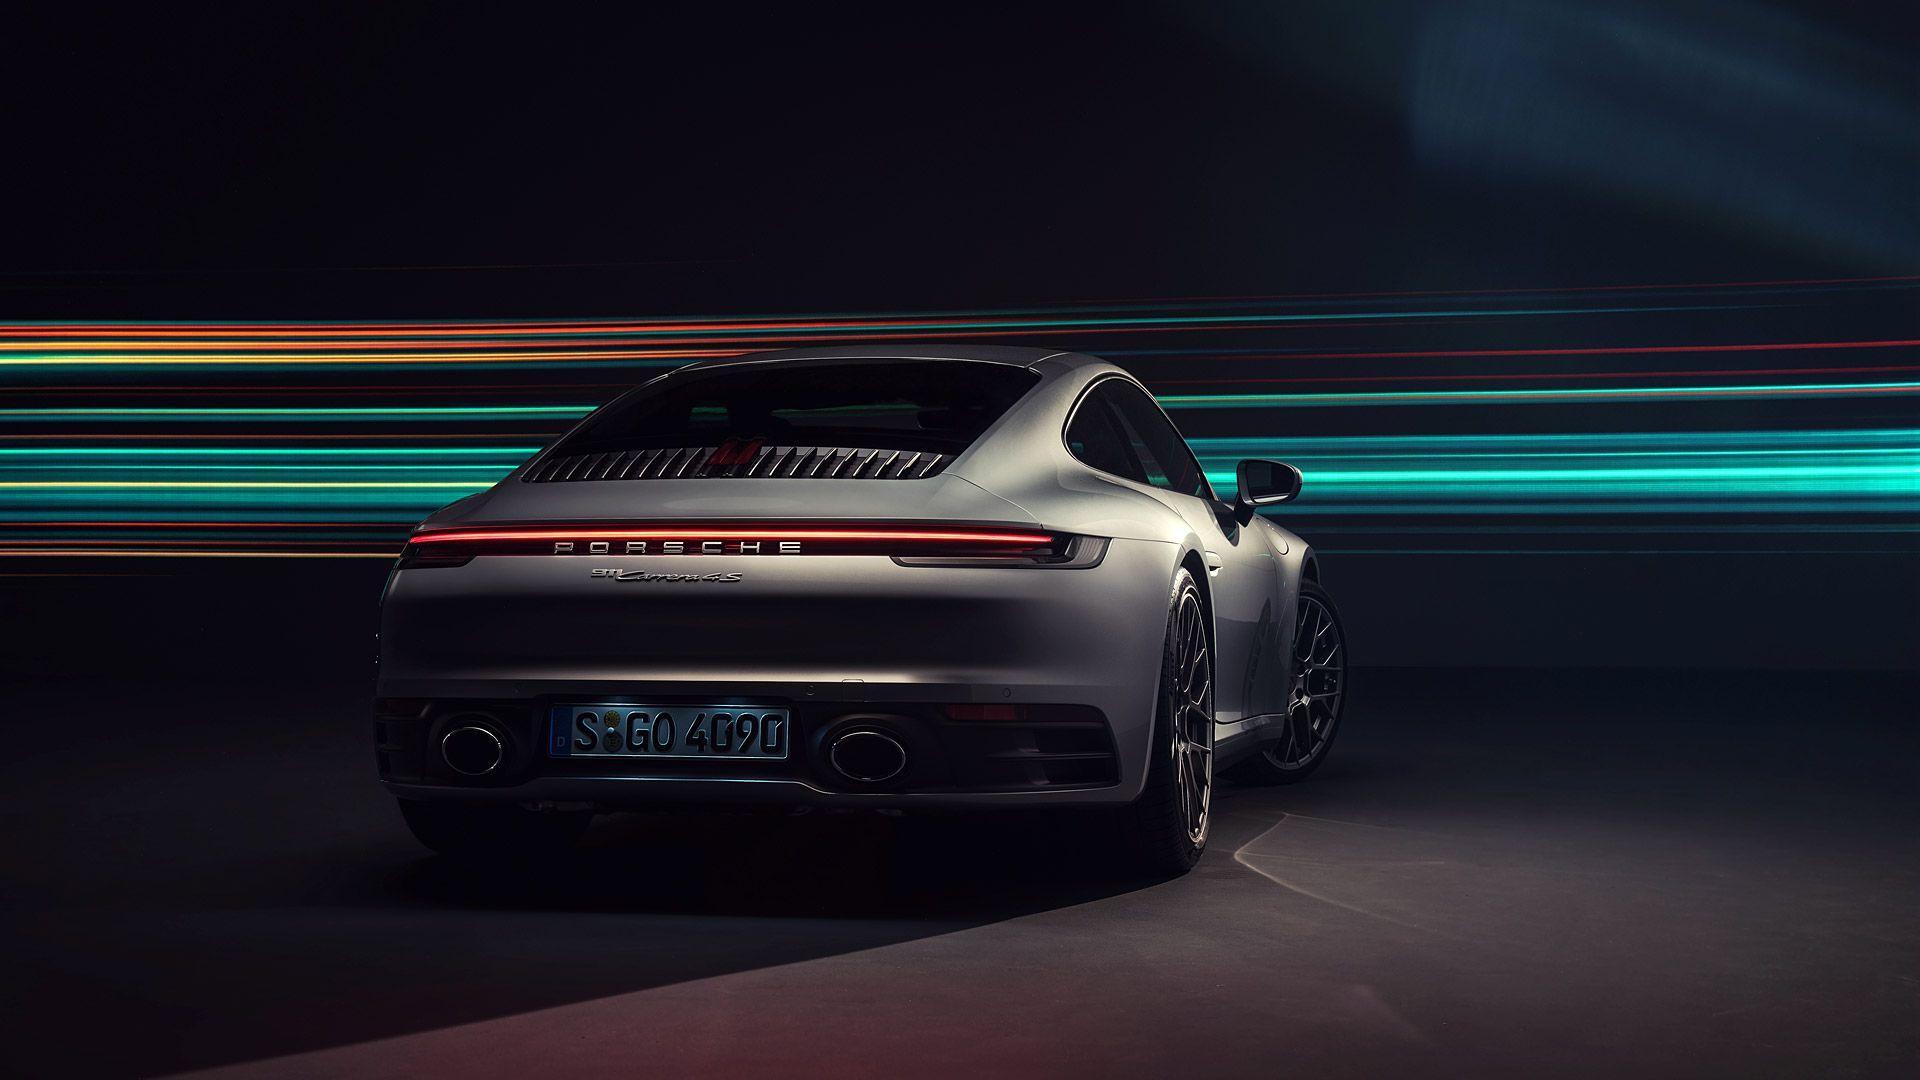 Porsche Wallpaper Https Wallpapersko Com Porsche Wallpaper Html Porsche Wallpaper Hd Wallpapers Download Porsche 911 Carrera 4s Porsche 911 Porsche